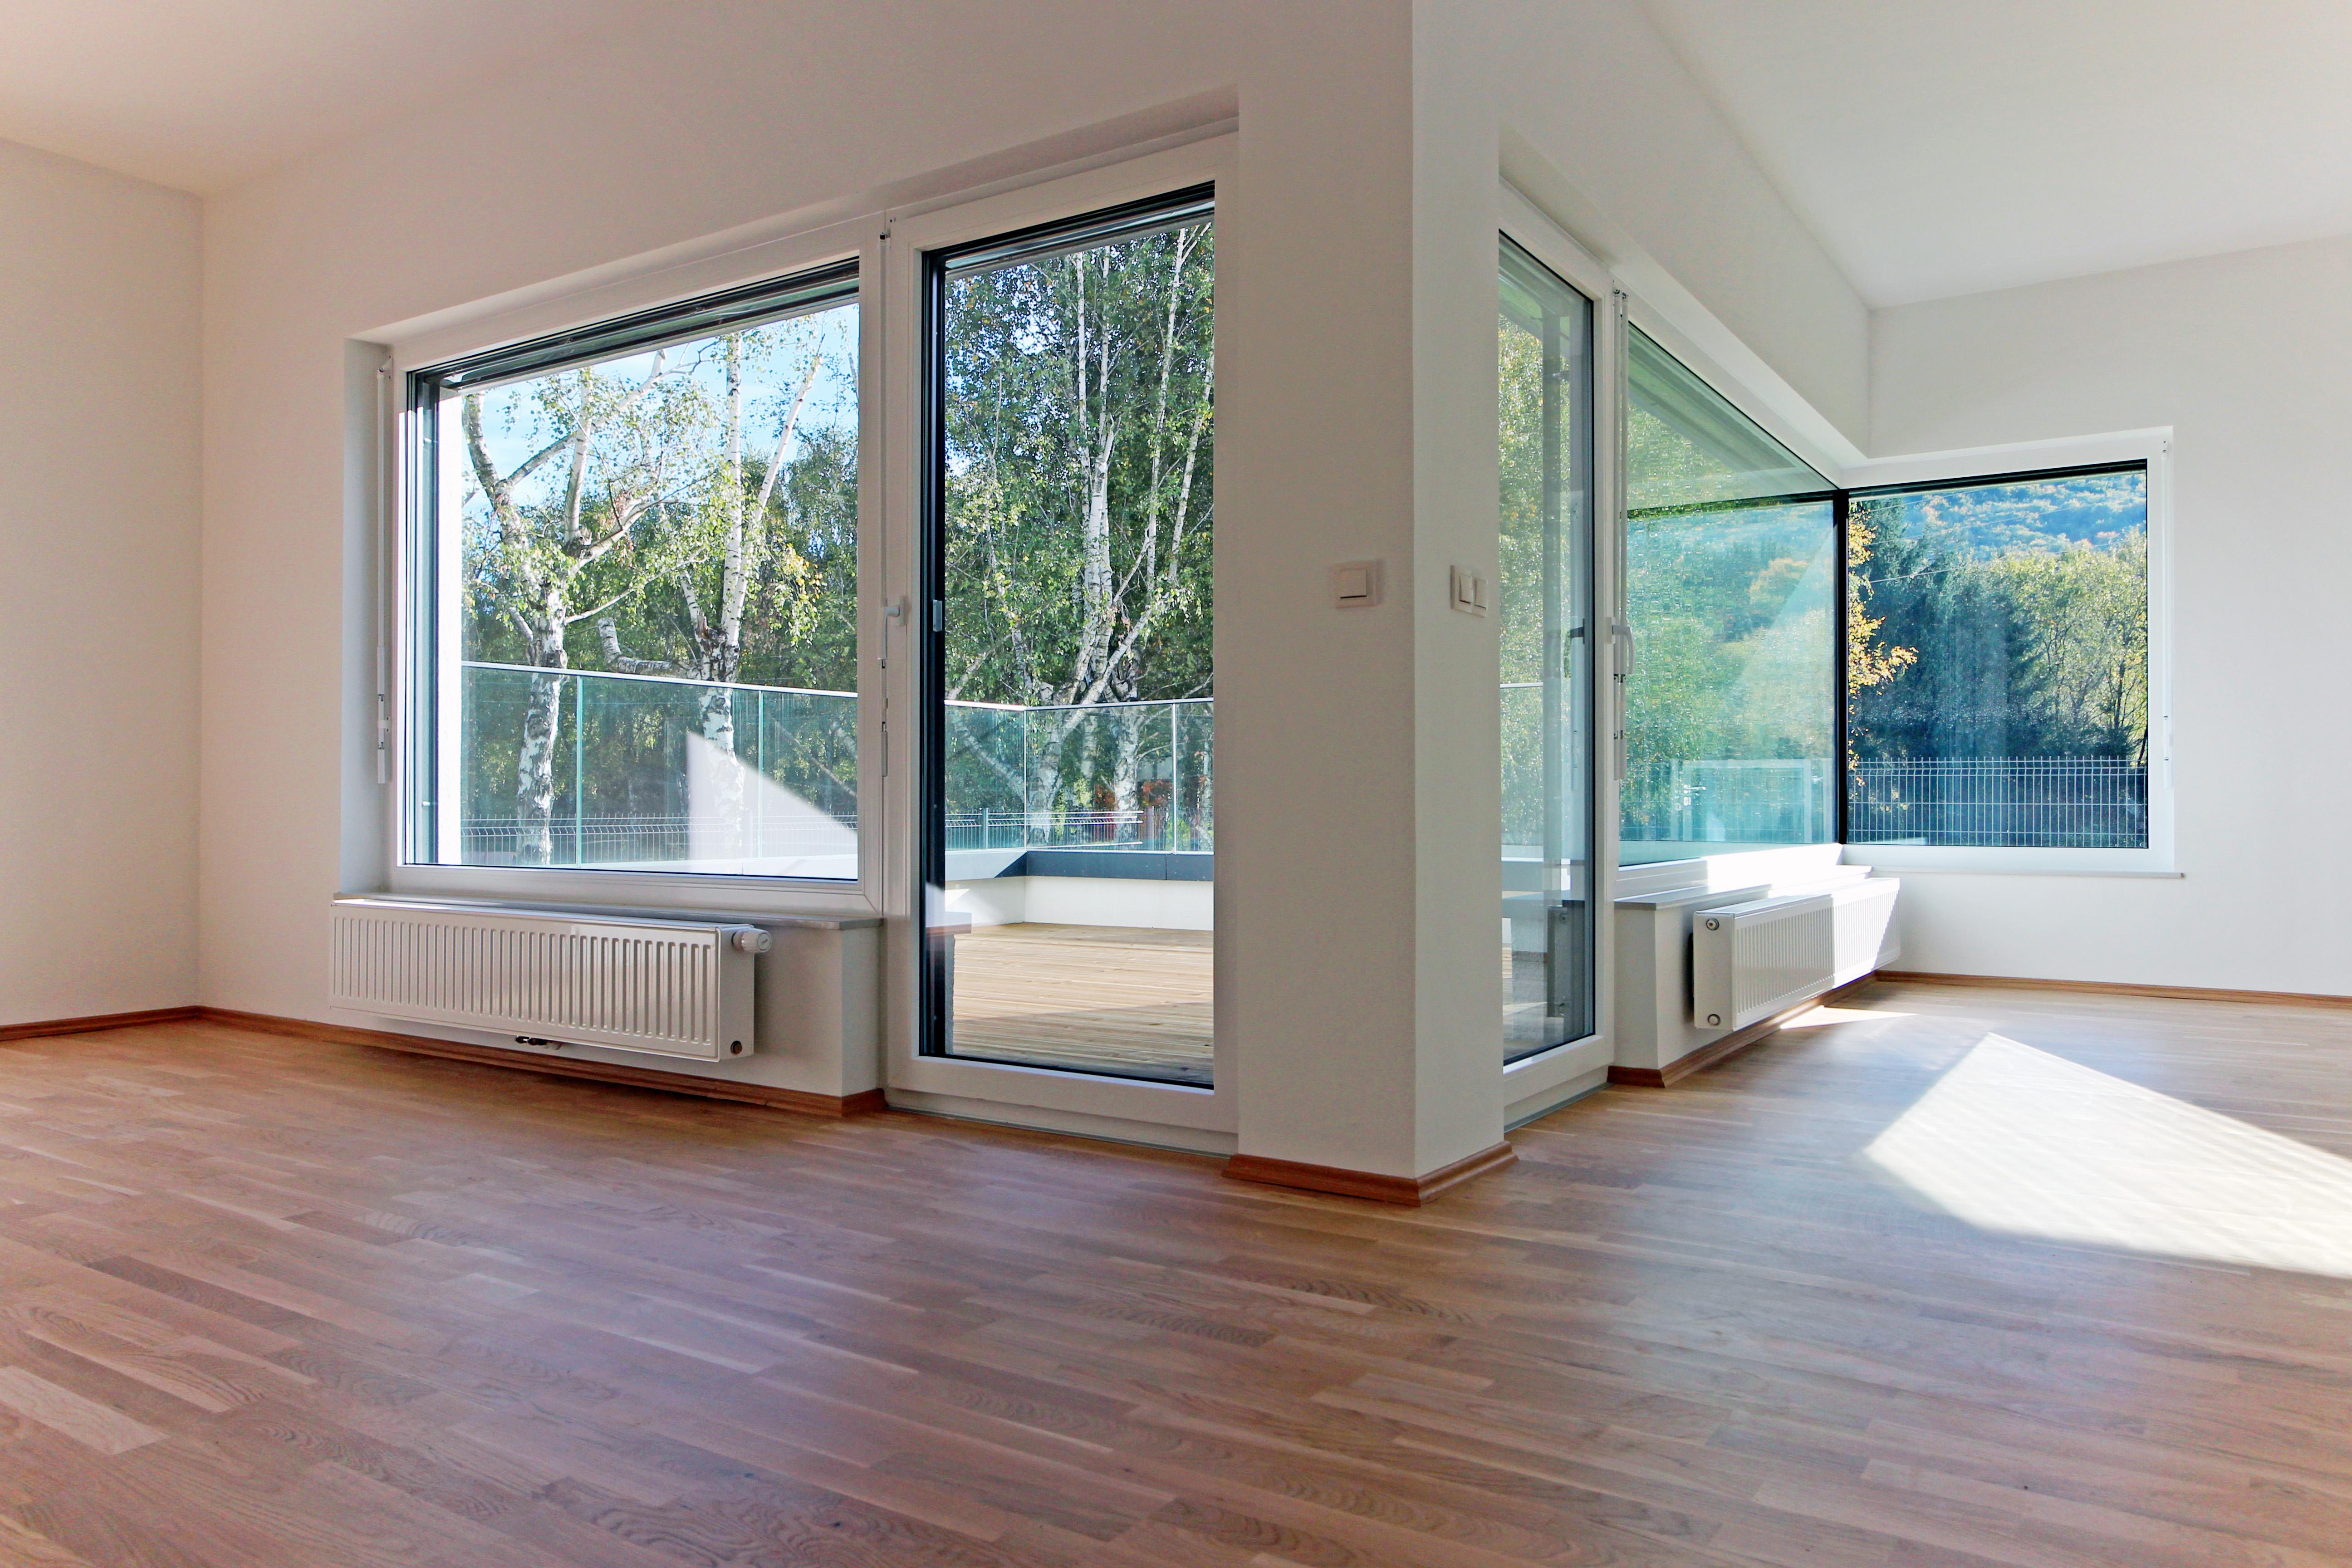 AJM vogalna okna brez običajnega vertikalnega profila vam nudijo neomejenim panoramskim razgled.